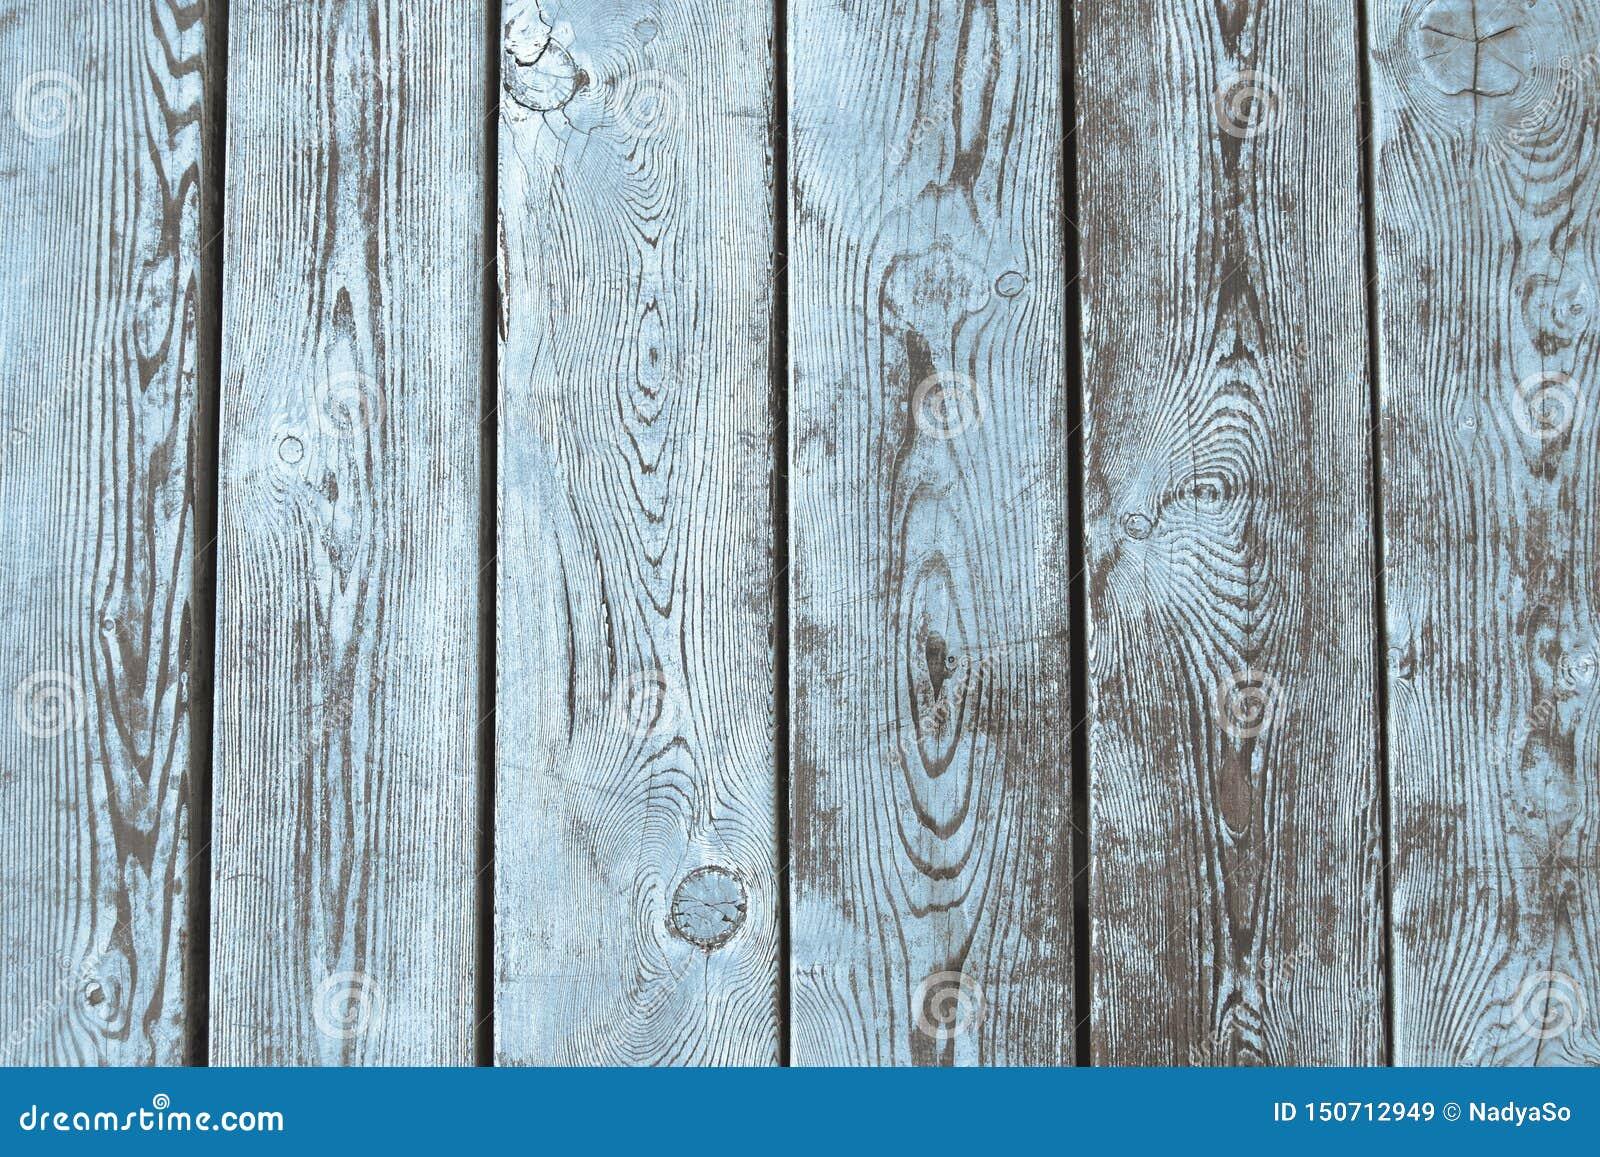 Fundo de madeira molhado das pranchas com claro - pintura azul